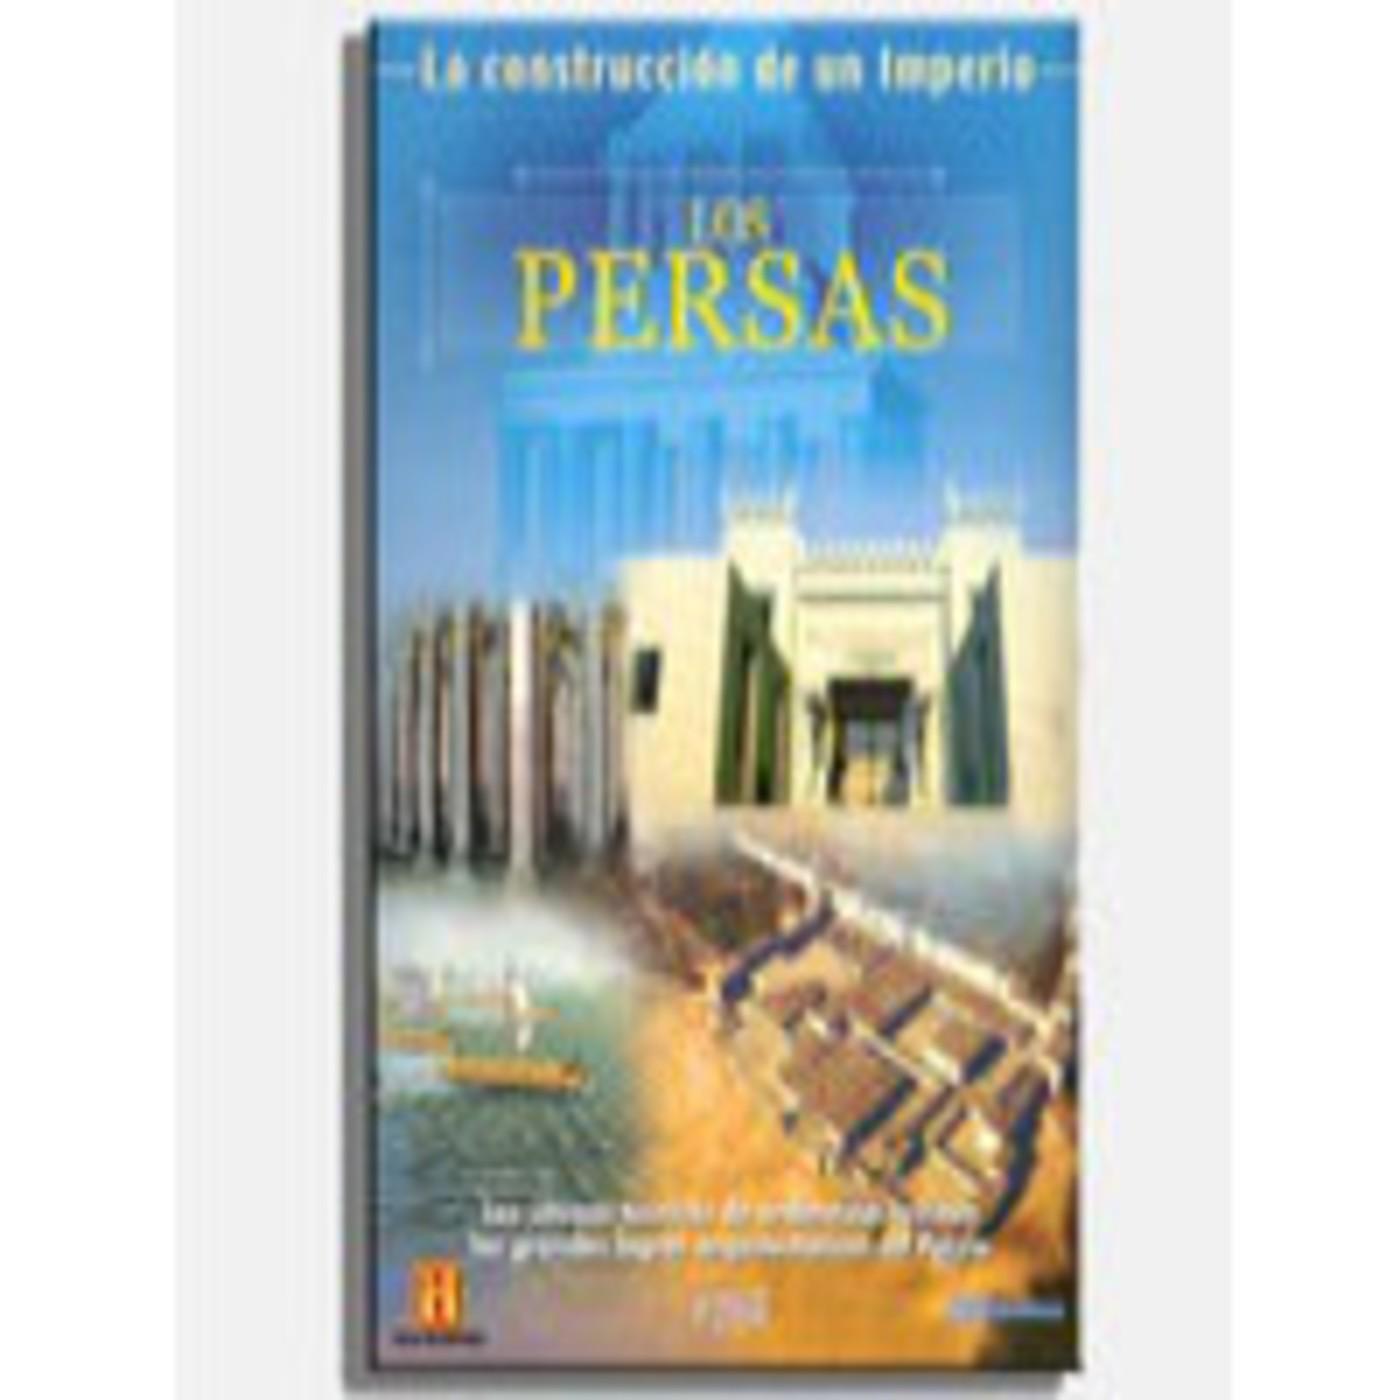 La Construccion de un Imperio (2de14): Los Persas